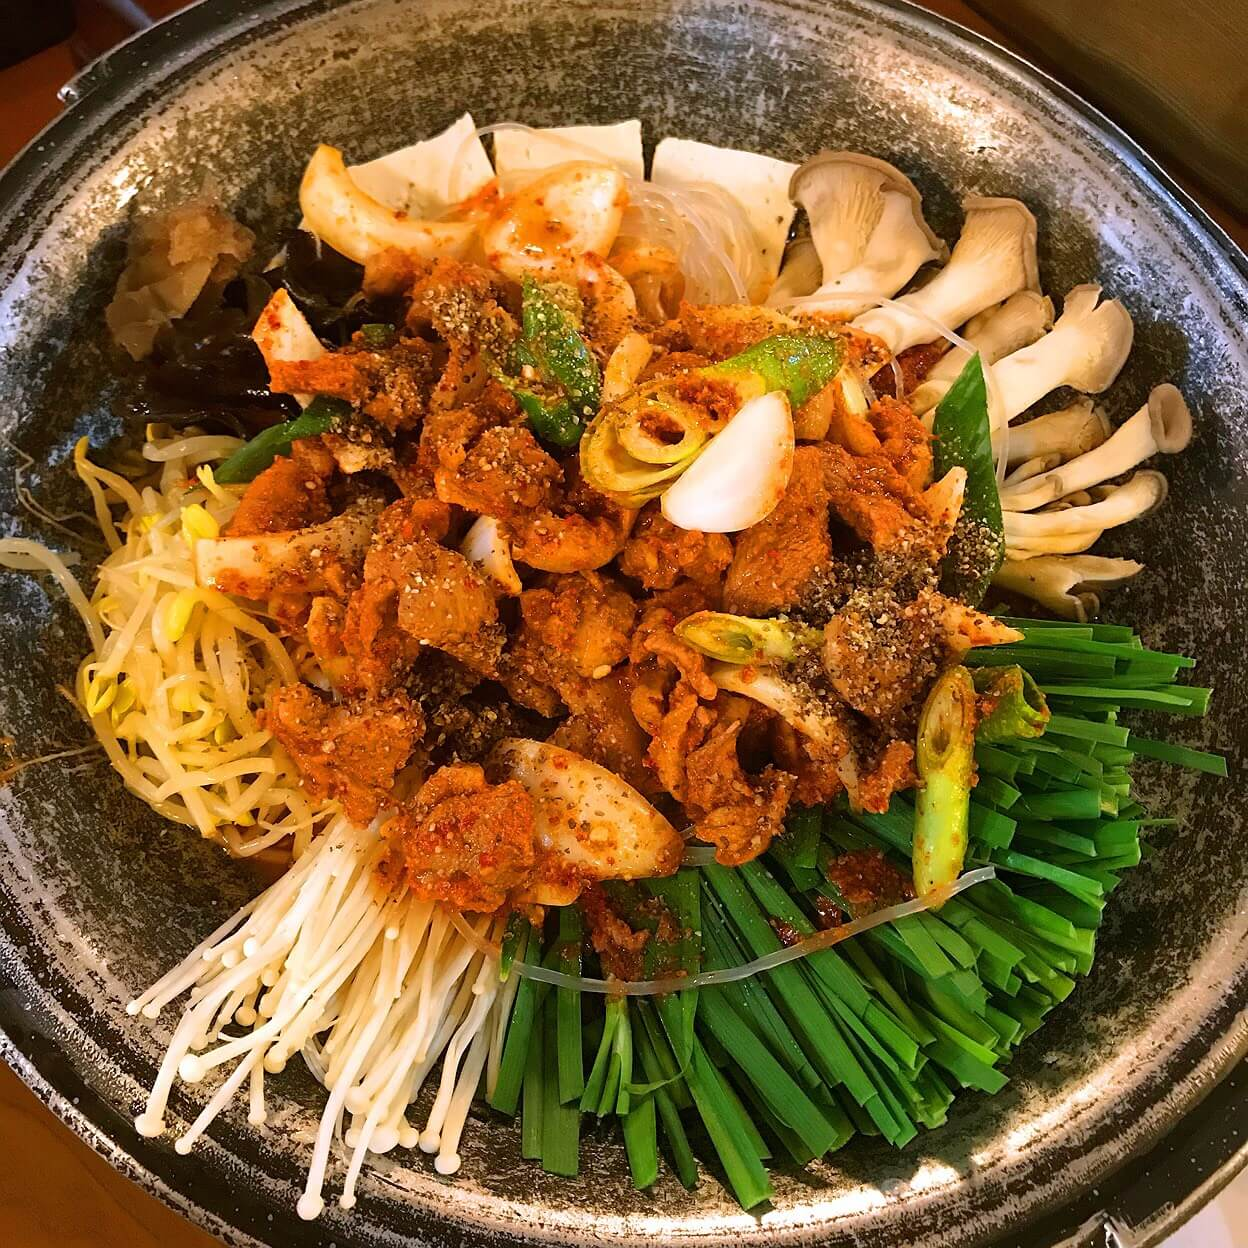 韓国・チェジュ島のサムゲタンのお店の鴨鍋